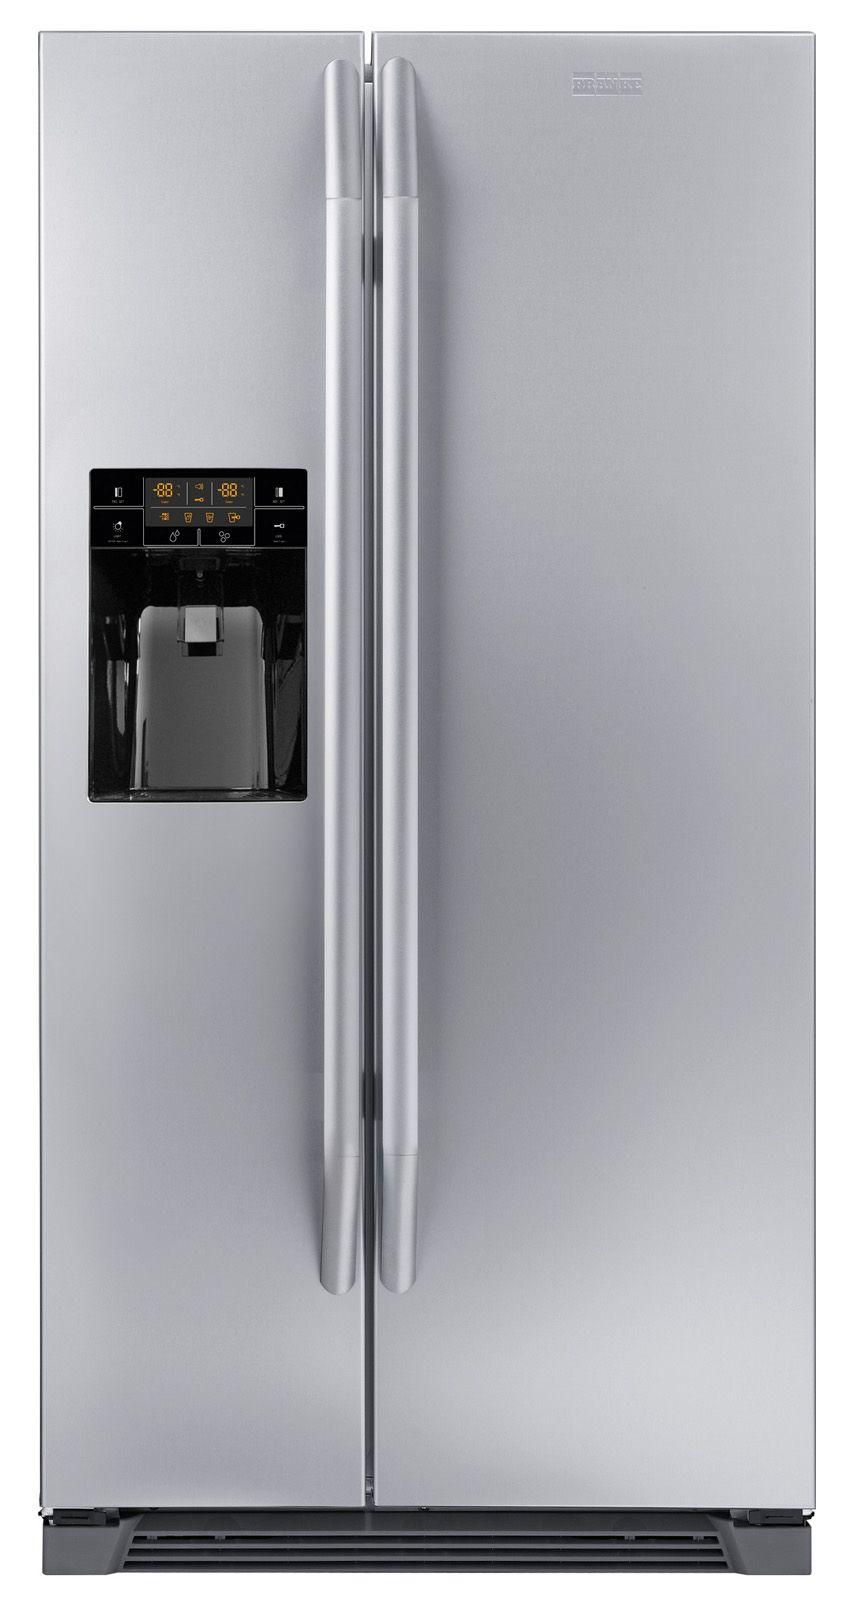 Side by side il frigorifero FSBS 6001 NF IWD XS A di Franke con volume di 604 litri ha